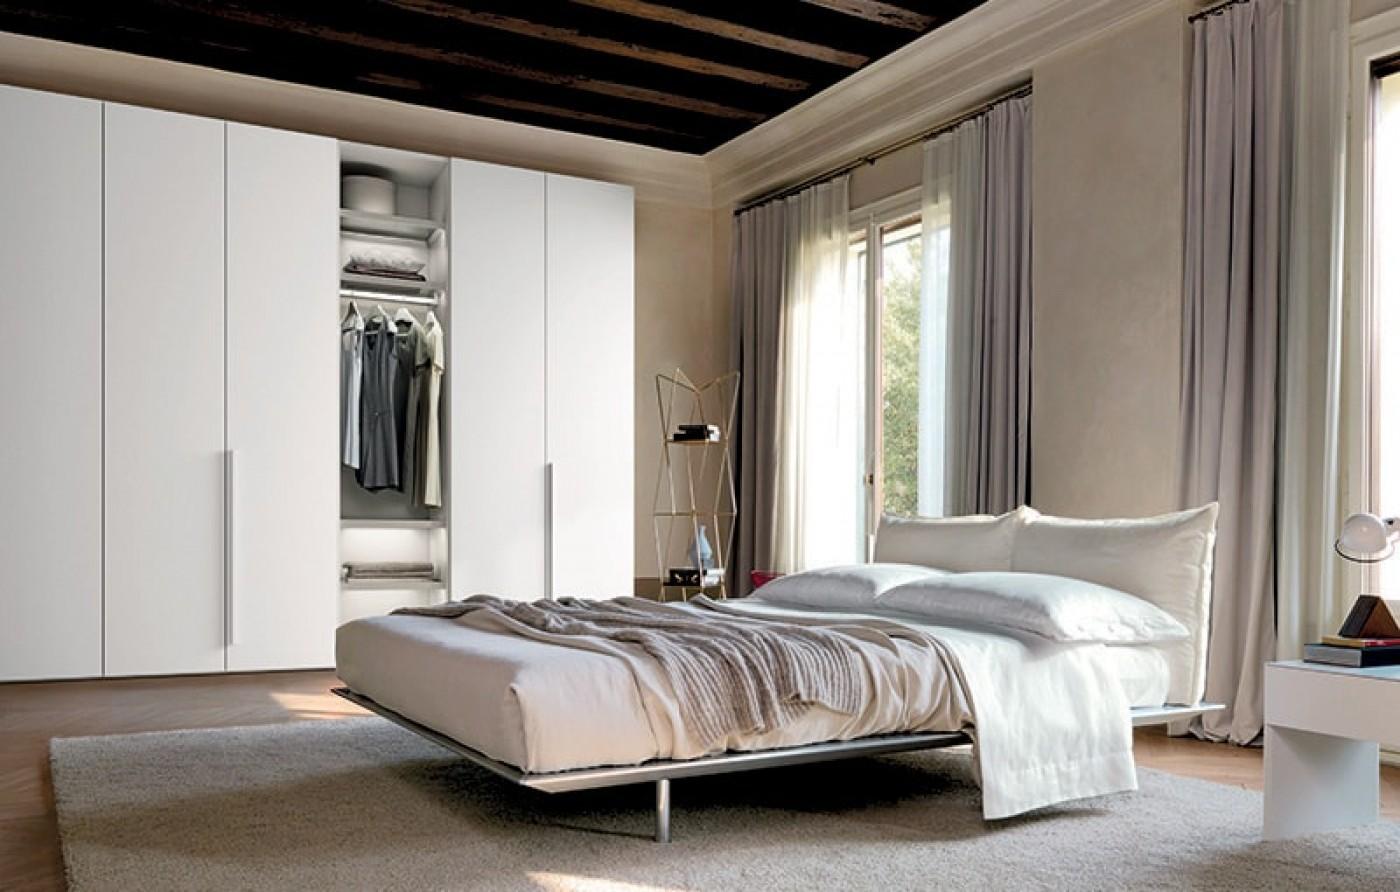 Letti Letti Seregno.Letti Matrimoniali Total Home Design